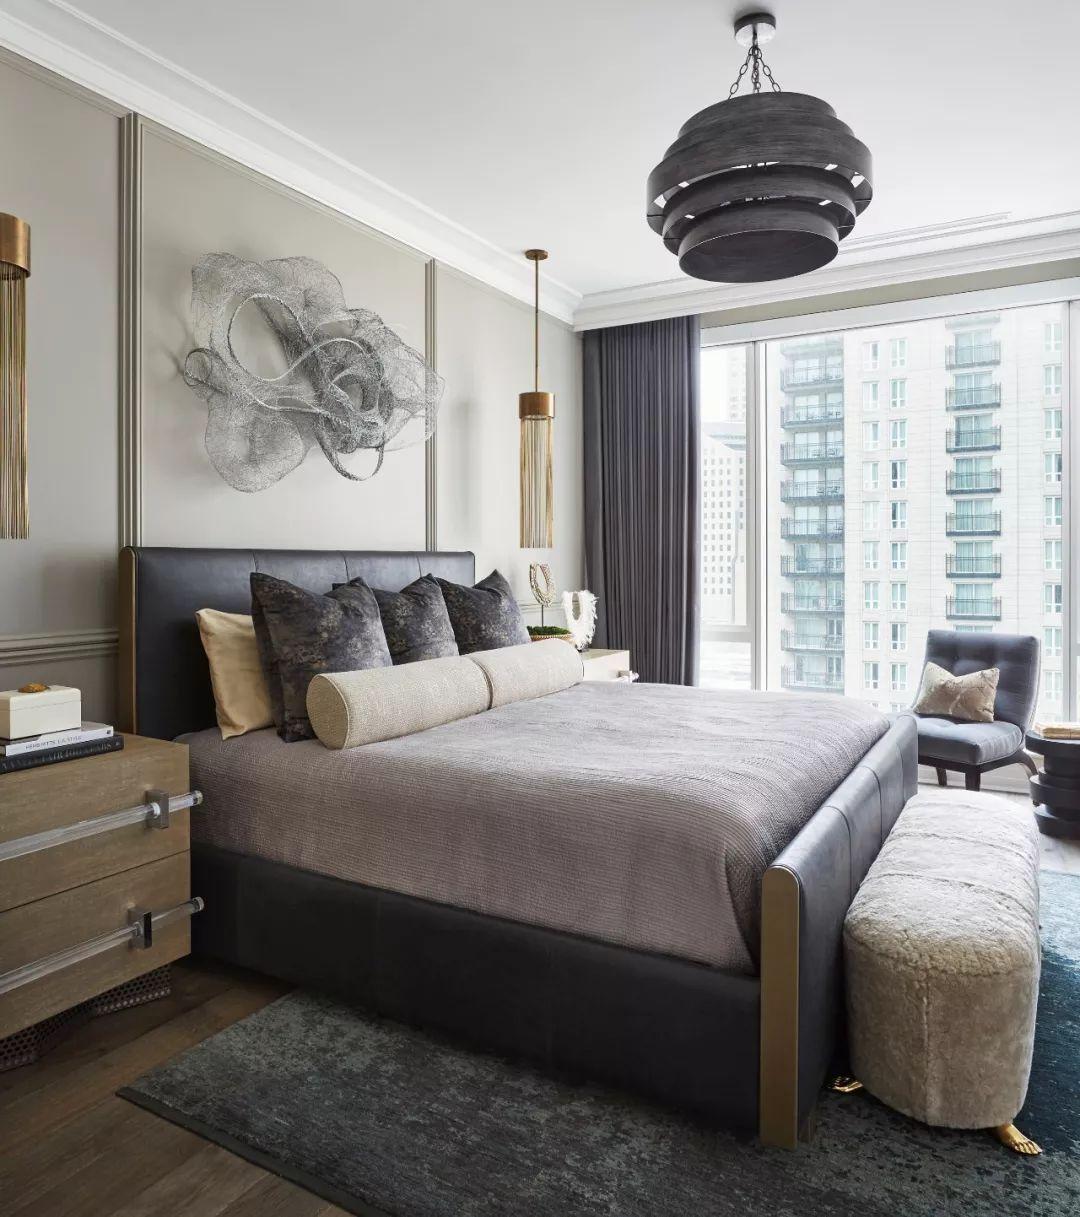 颜色,纹理和主题统一,芝加哥豪华高层住宅设计